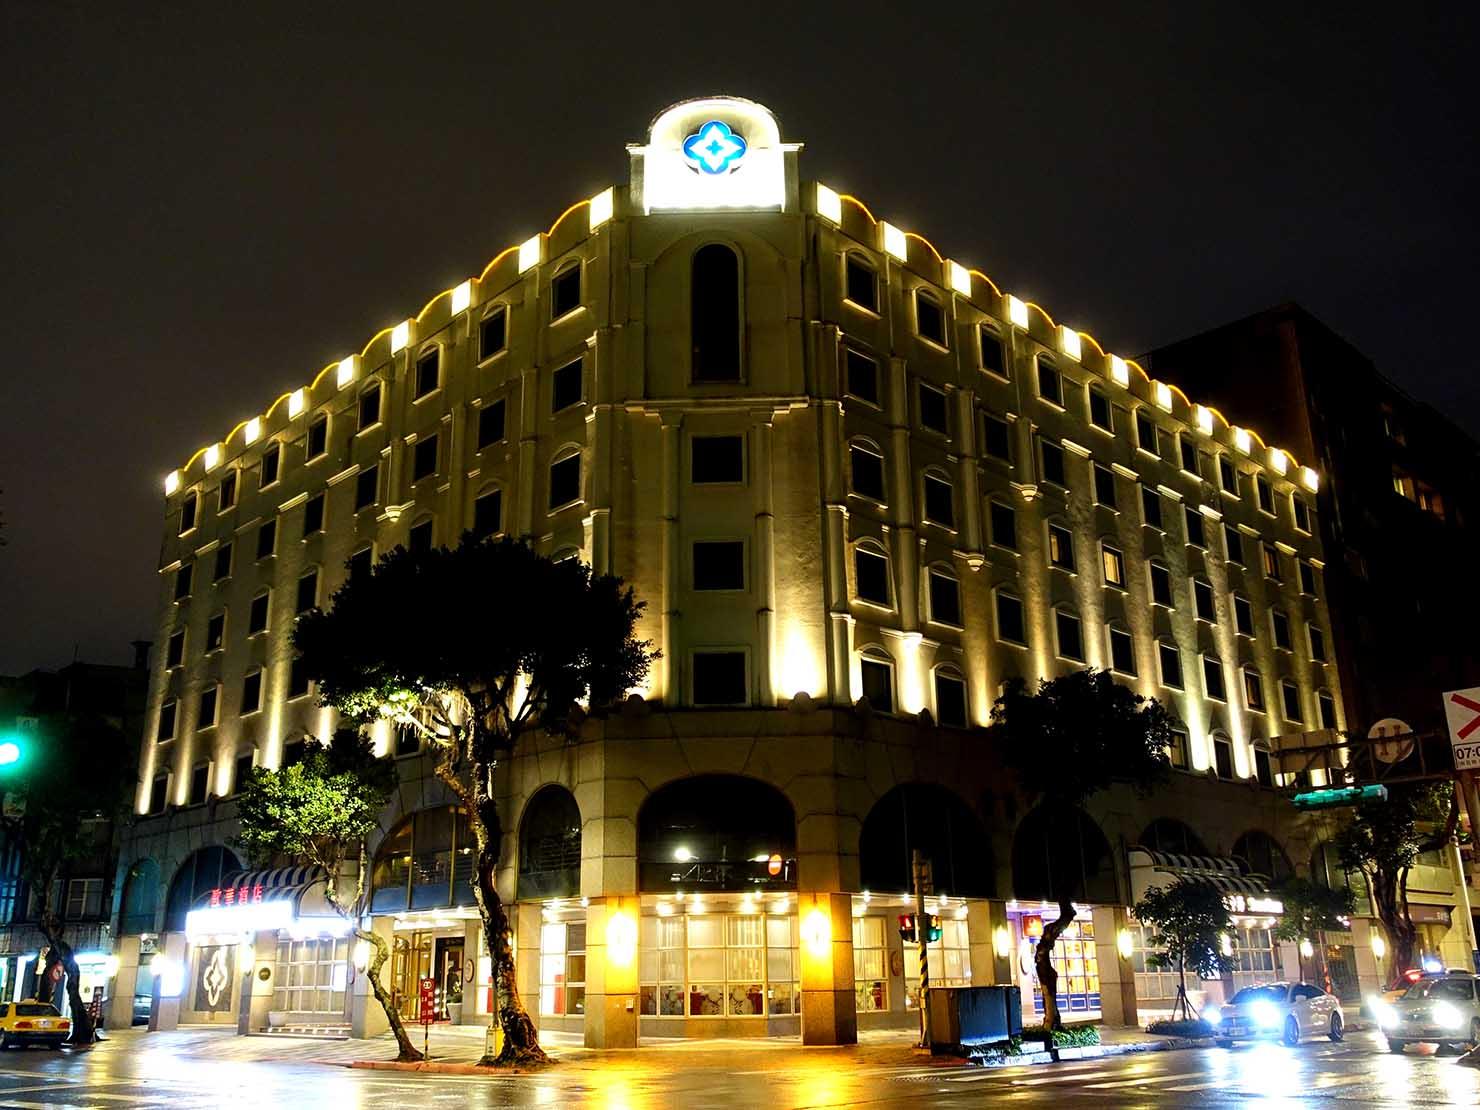 台北のおすすめ4つ星ホテル「歐華酒店(リビエラホテル)」の外観